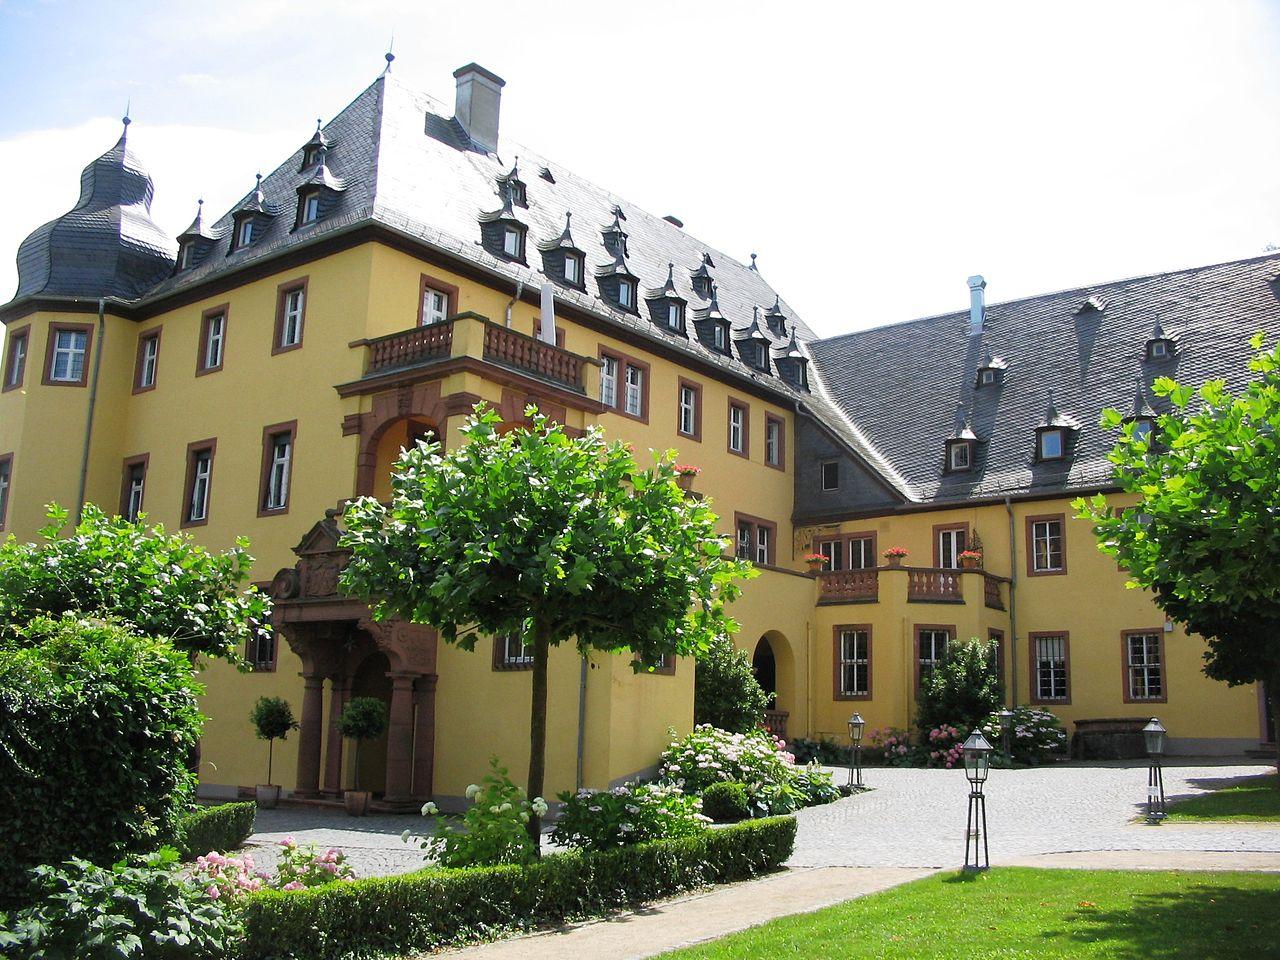 1280px-SchlossVollradsWinkelHauptbauSchlosshof